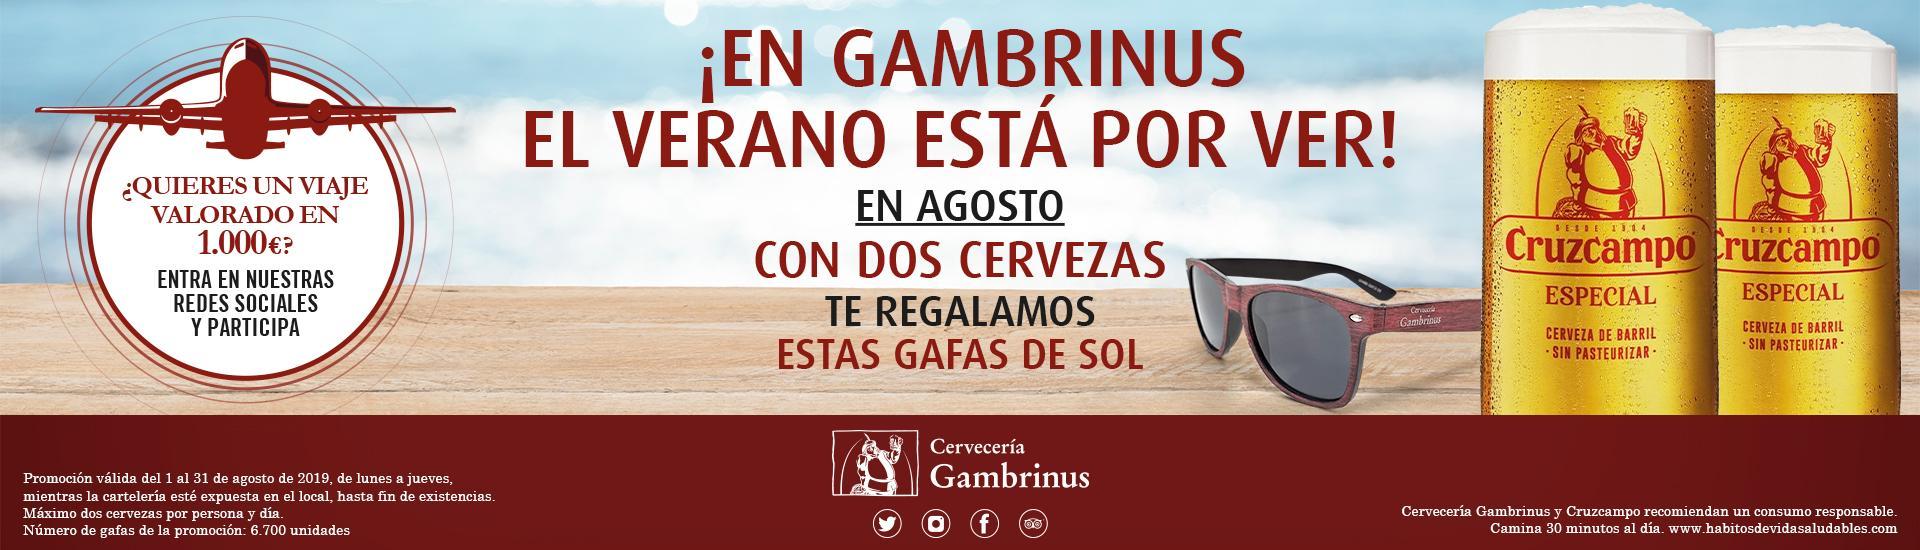 En Gambrinus el verano está por ver